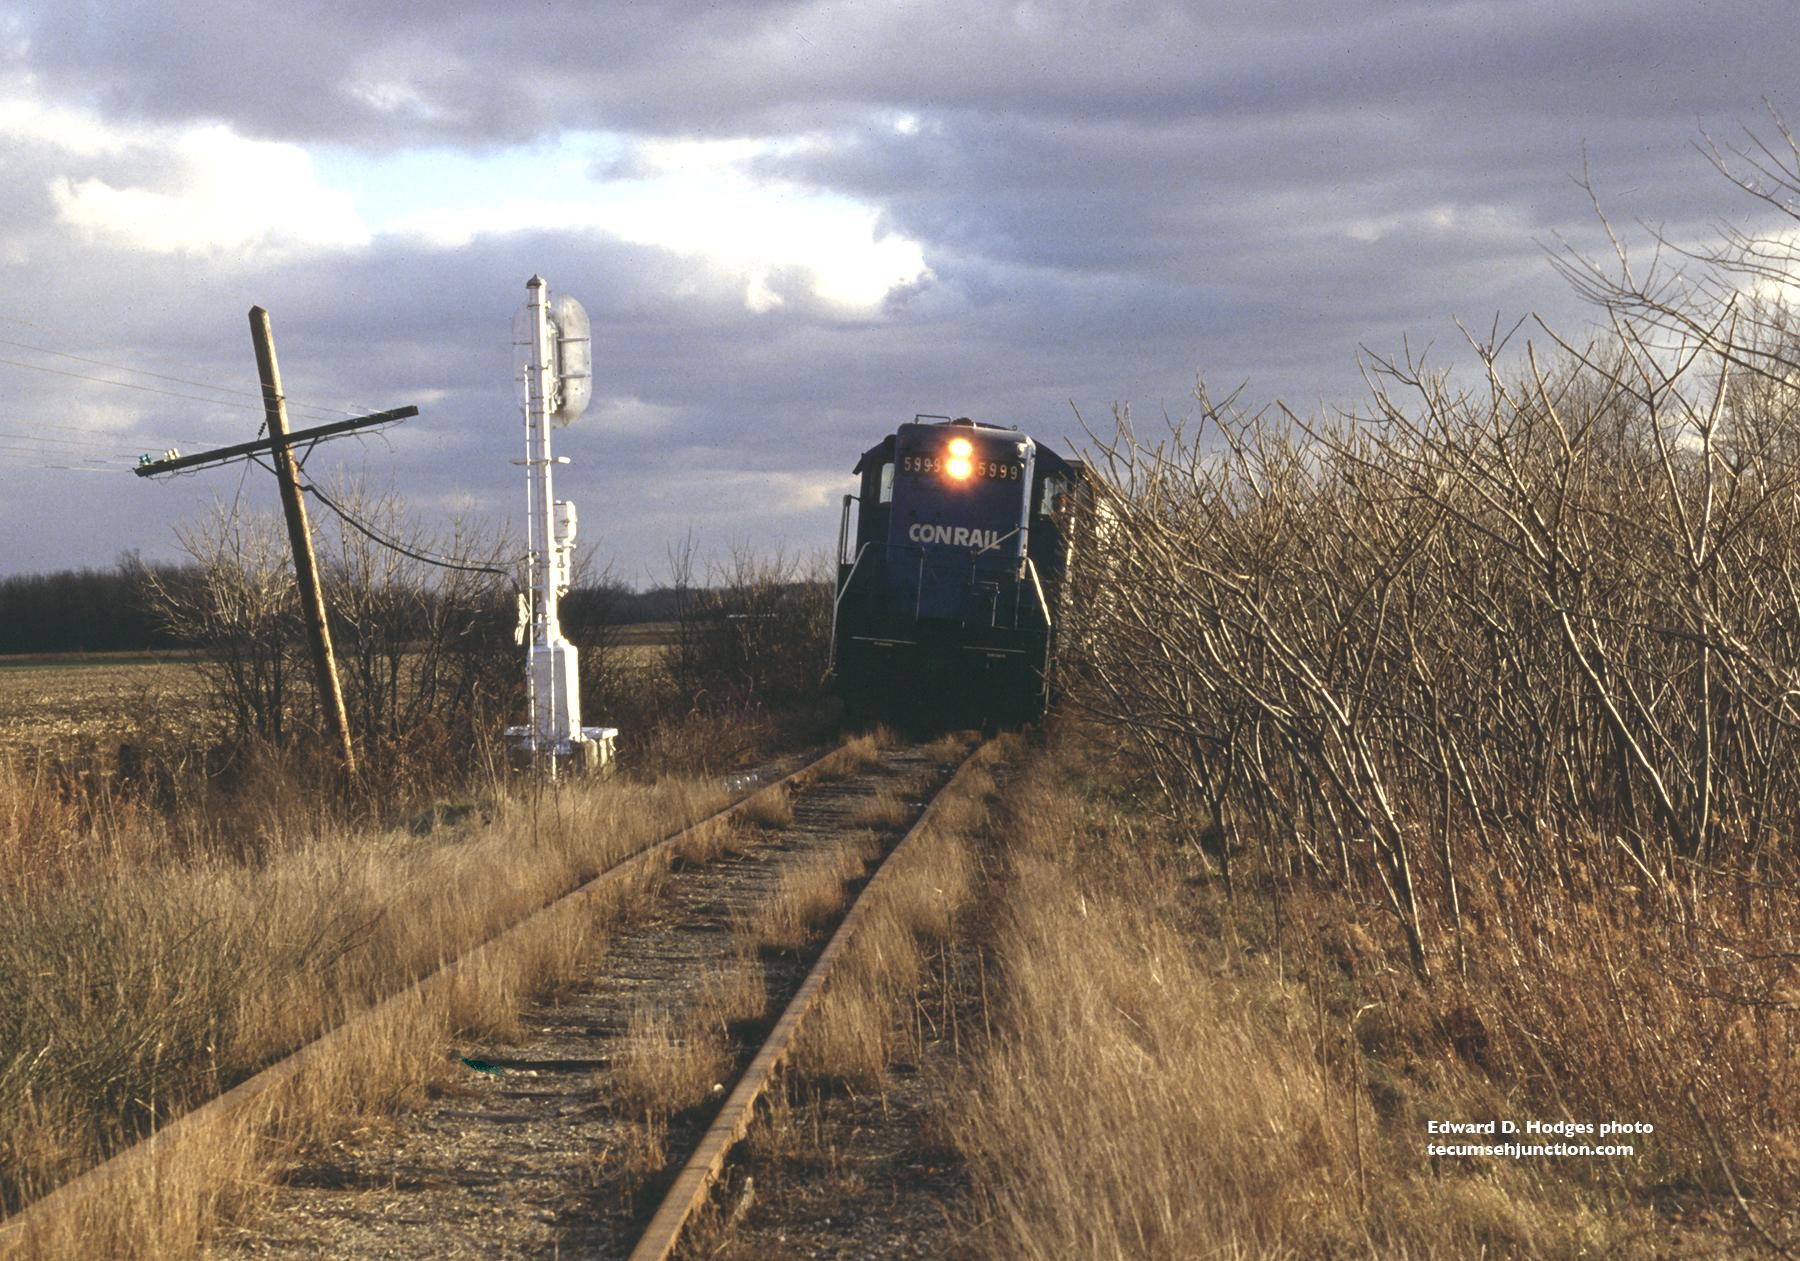 Conrail train n.b. at Raisin Center